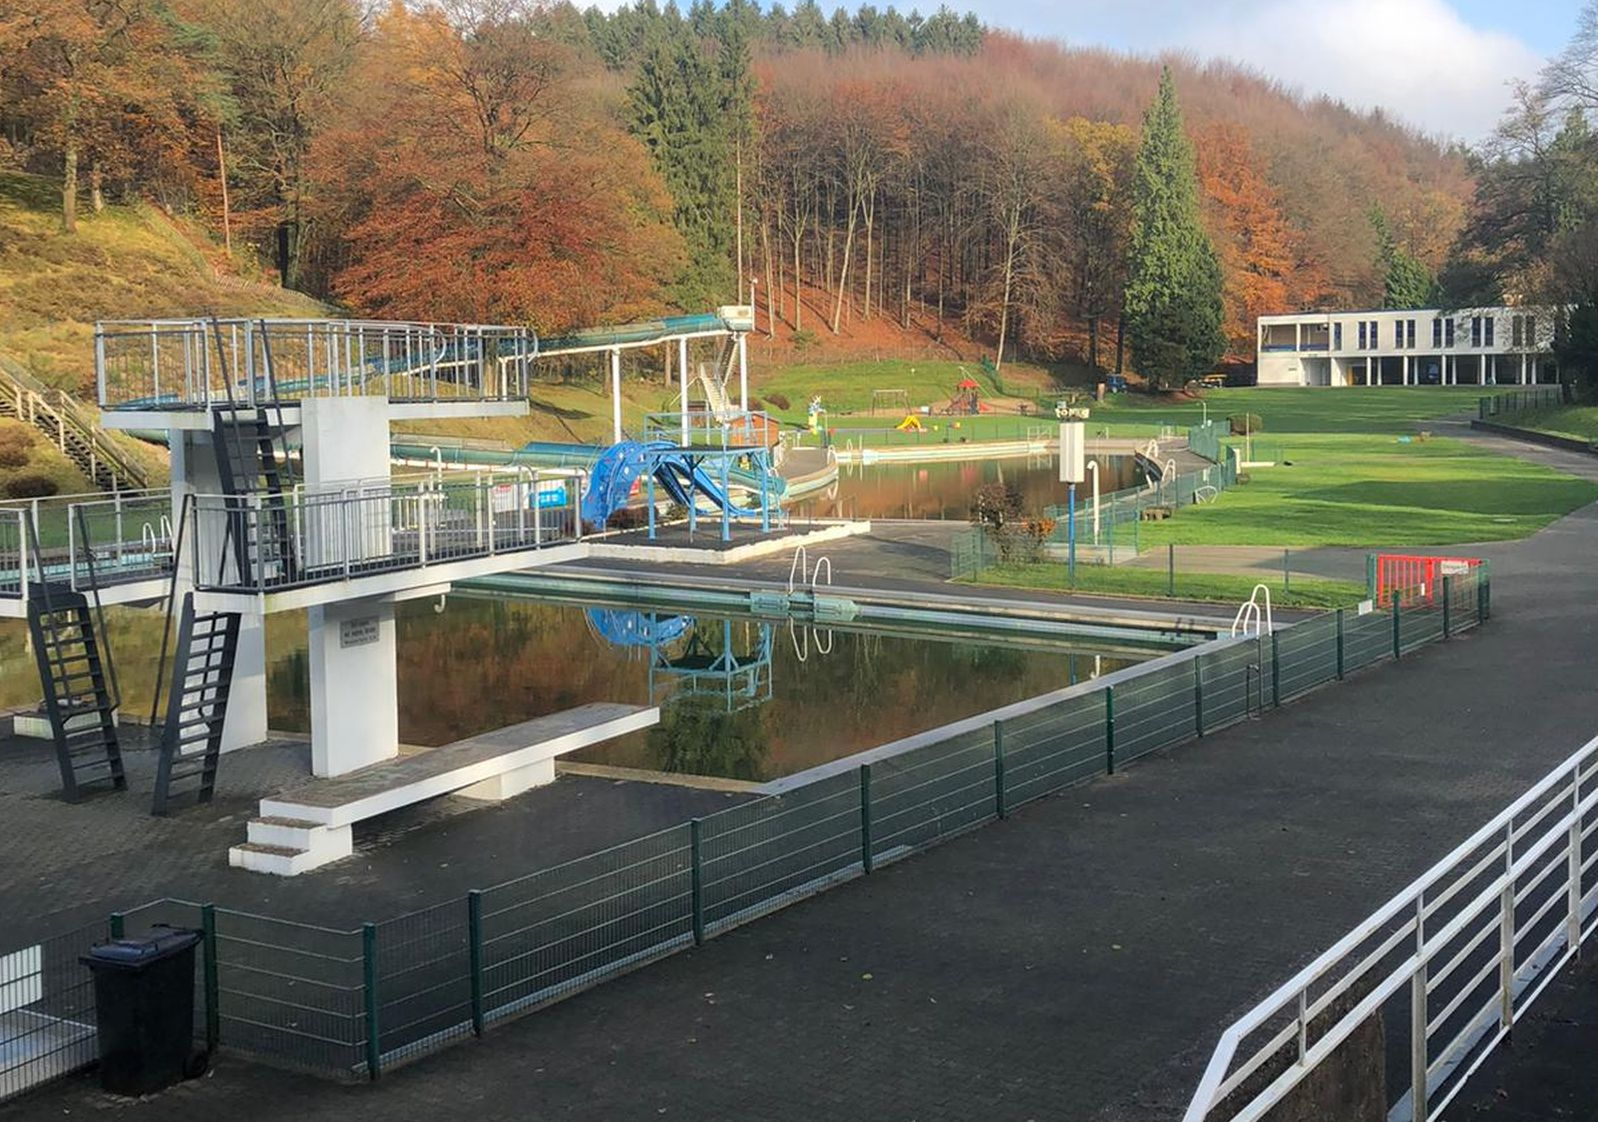 Antrag auf Erweiterung der Tagesordnung: Freibad Eschbachtal